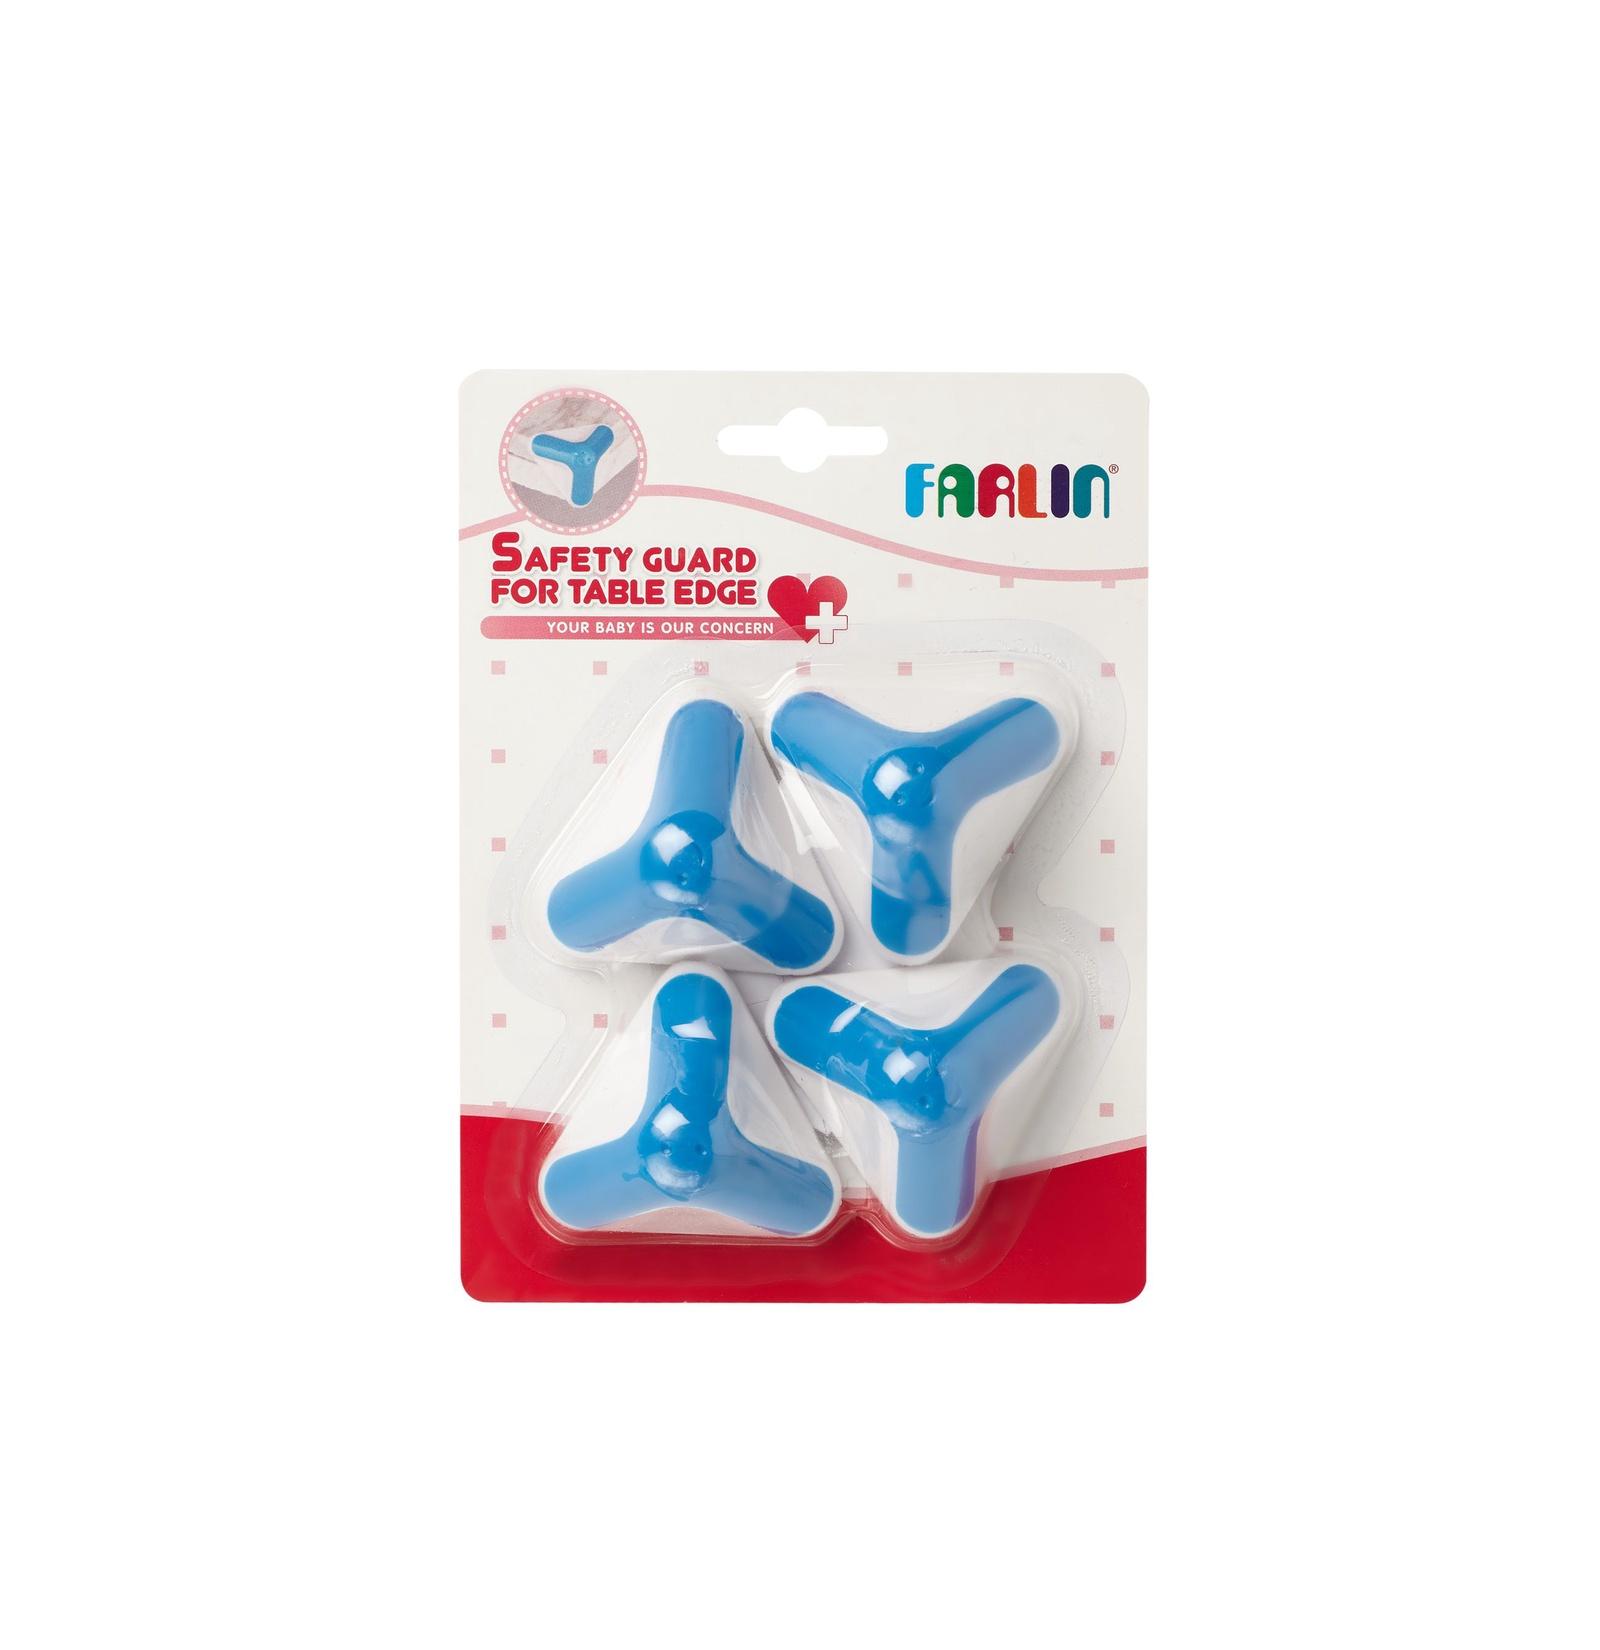 Защитный уголок Farlin 4 штуки, белый, голубой